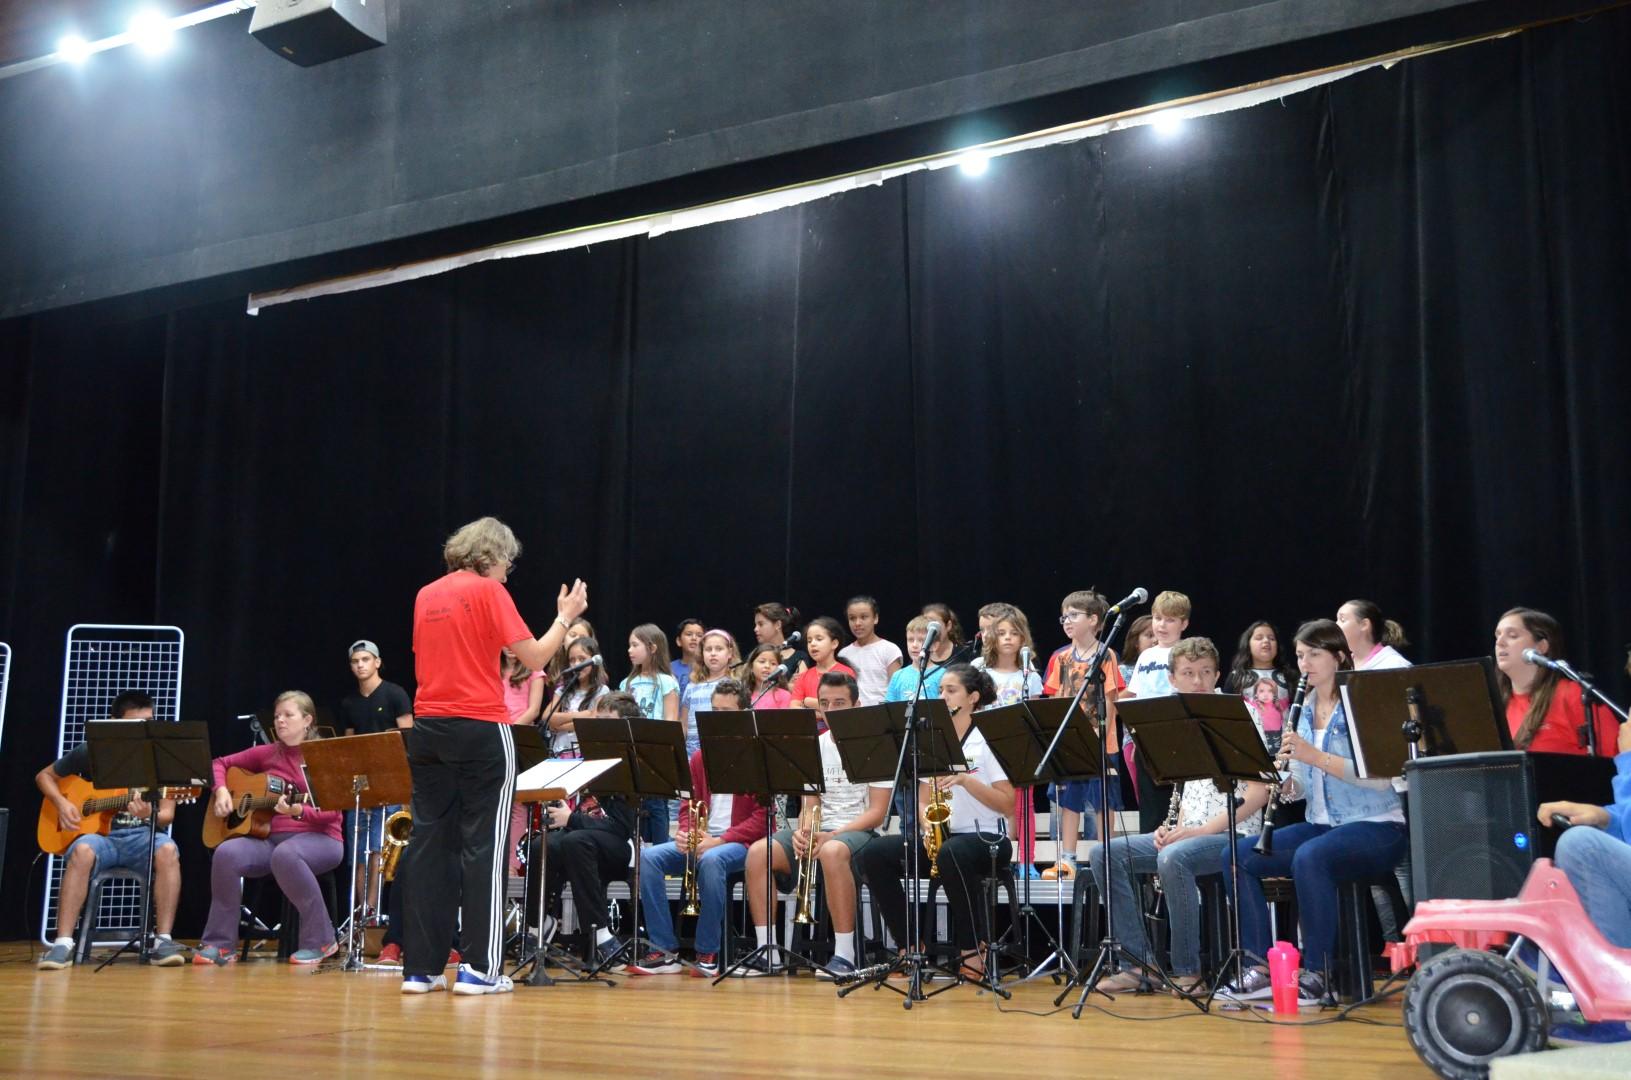 Ensaios Musical - 17 e 18/03/17Ensaios Musical - 17 e 18/03/17